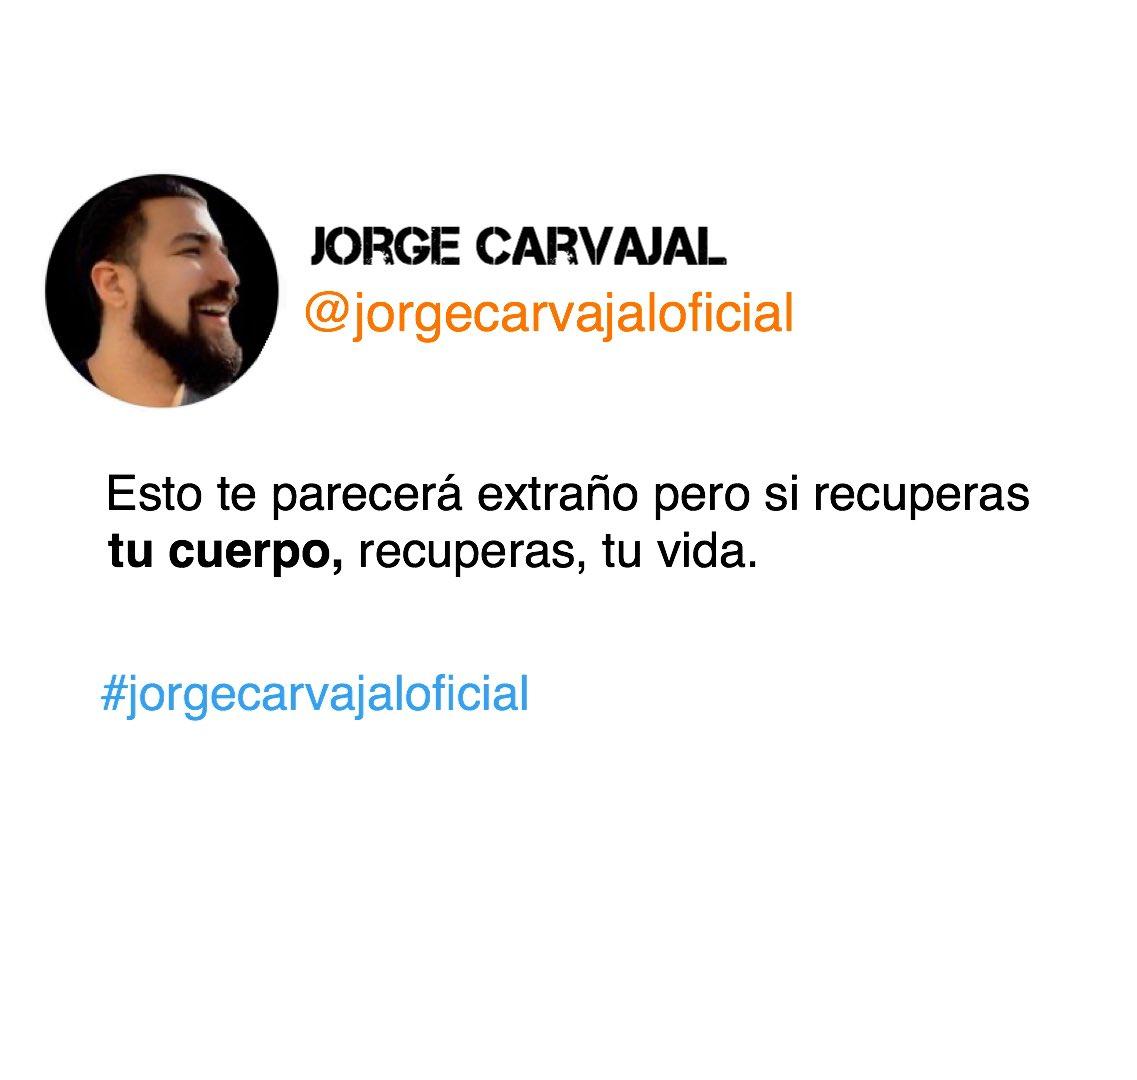 Pequeños cambios como el ejercicio o comer mejor harán la diferencia.  . Jorge Carvajal /    . ¿+ motivación? Sígueme en IG: https://www.instagram.com/jorgecarvajaloficial/…    . #jorgecarvajal #jorgecarvajaloficial #frasesdemotivacion #motivacionpersonal #motivación #motivacionpic.twitter.com/hLsAB4ENZN